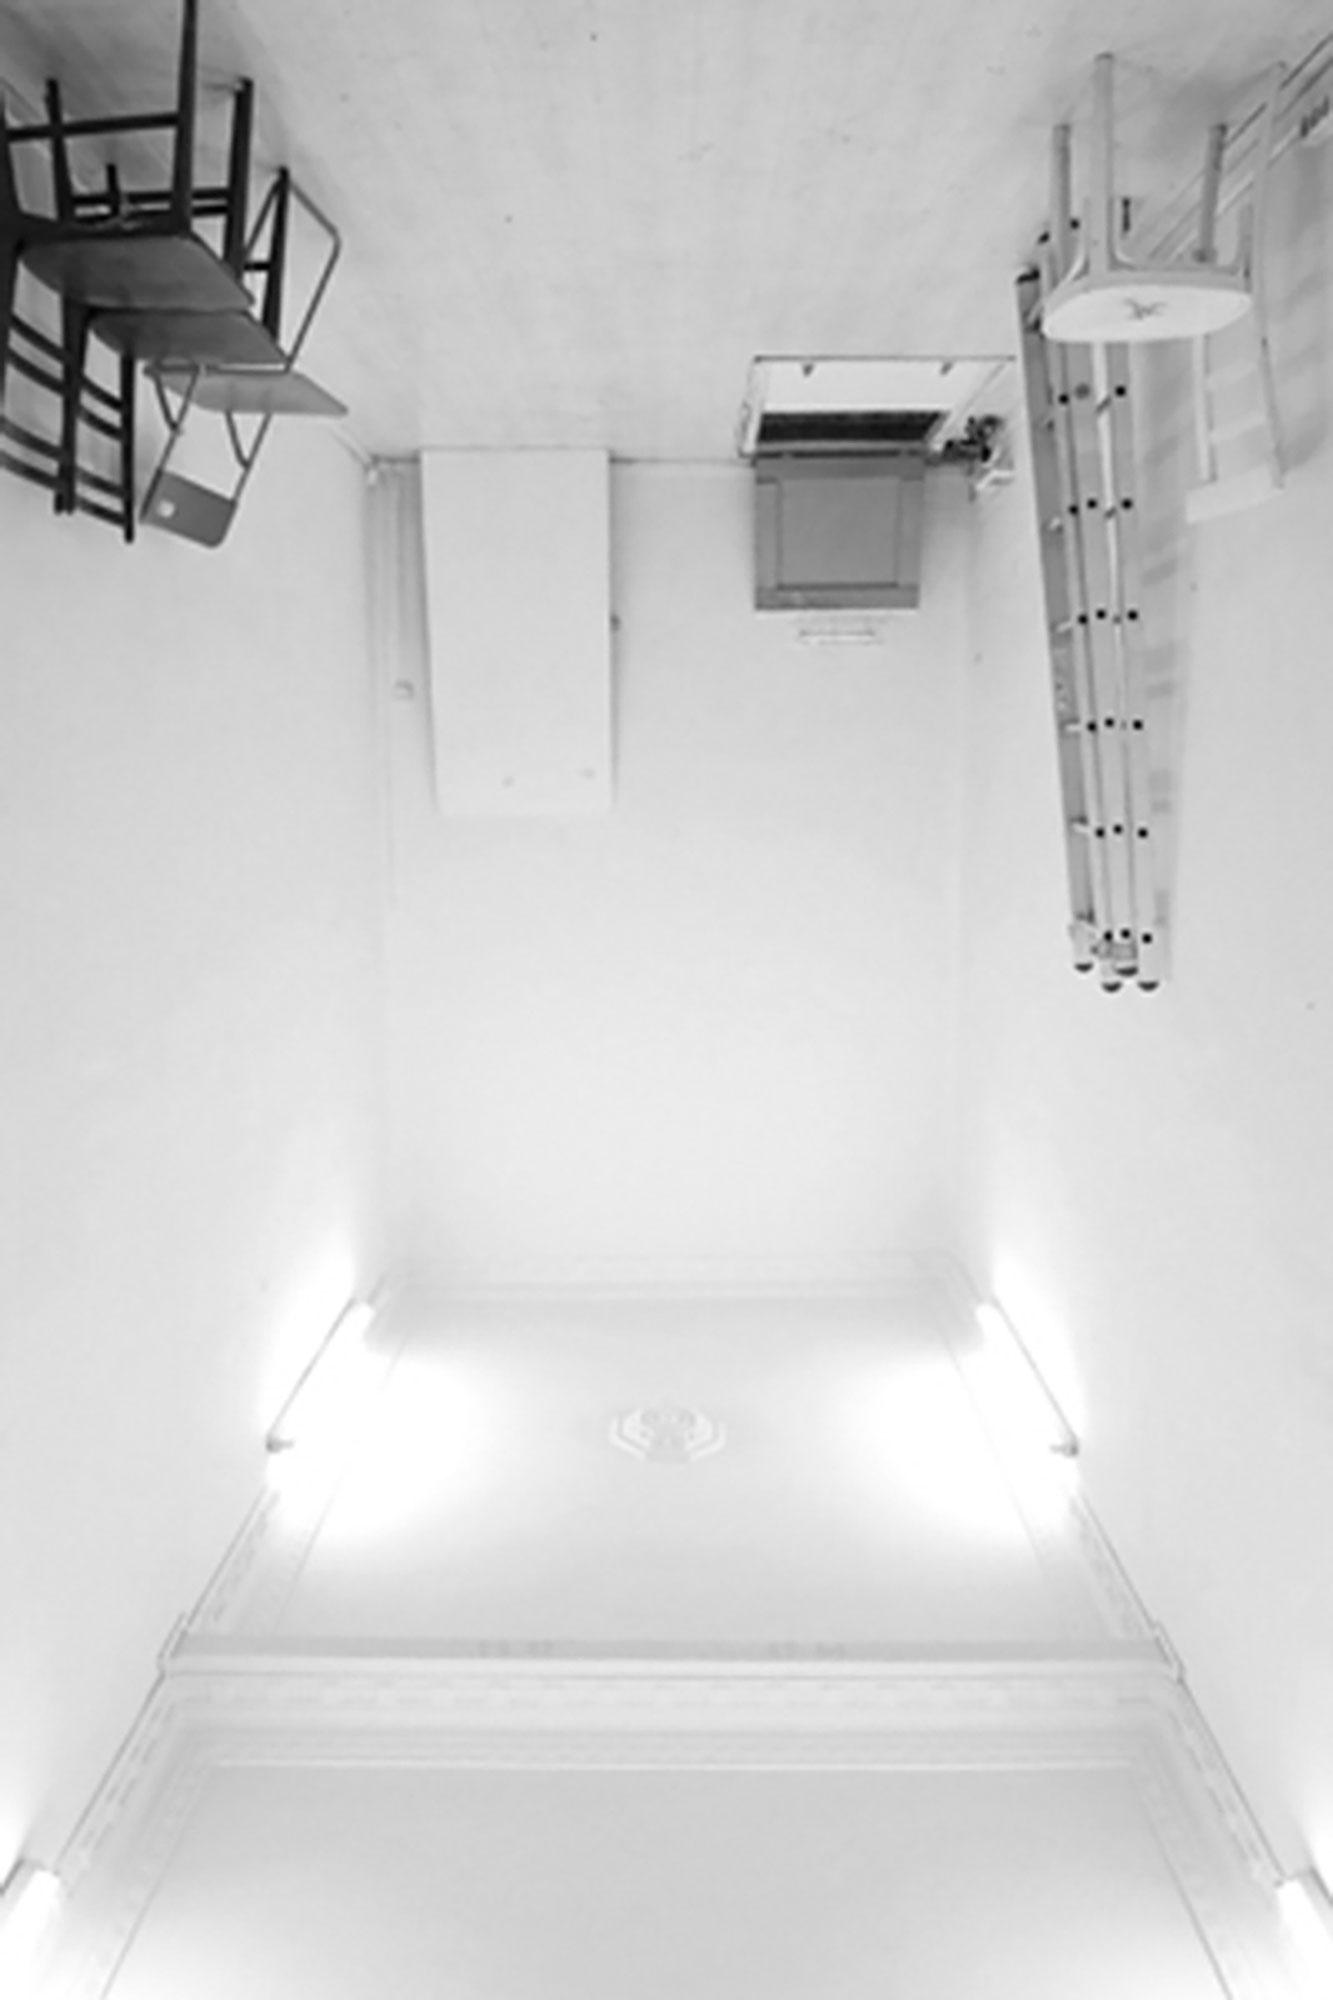 proyector-plataforma-de-videoarte2012-sede-espacioislandia